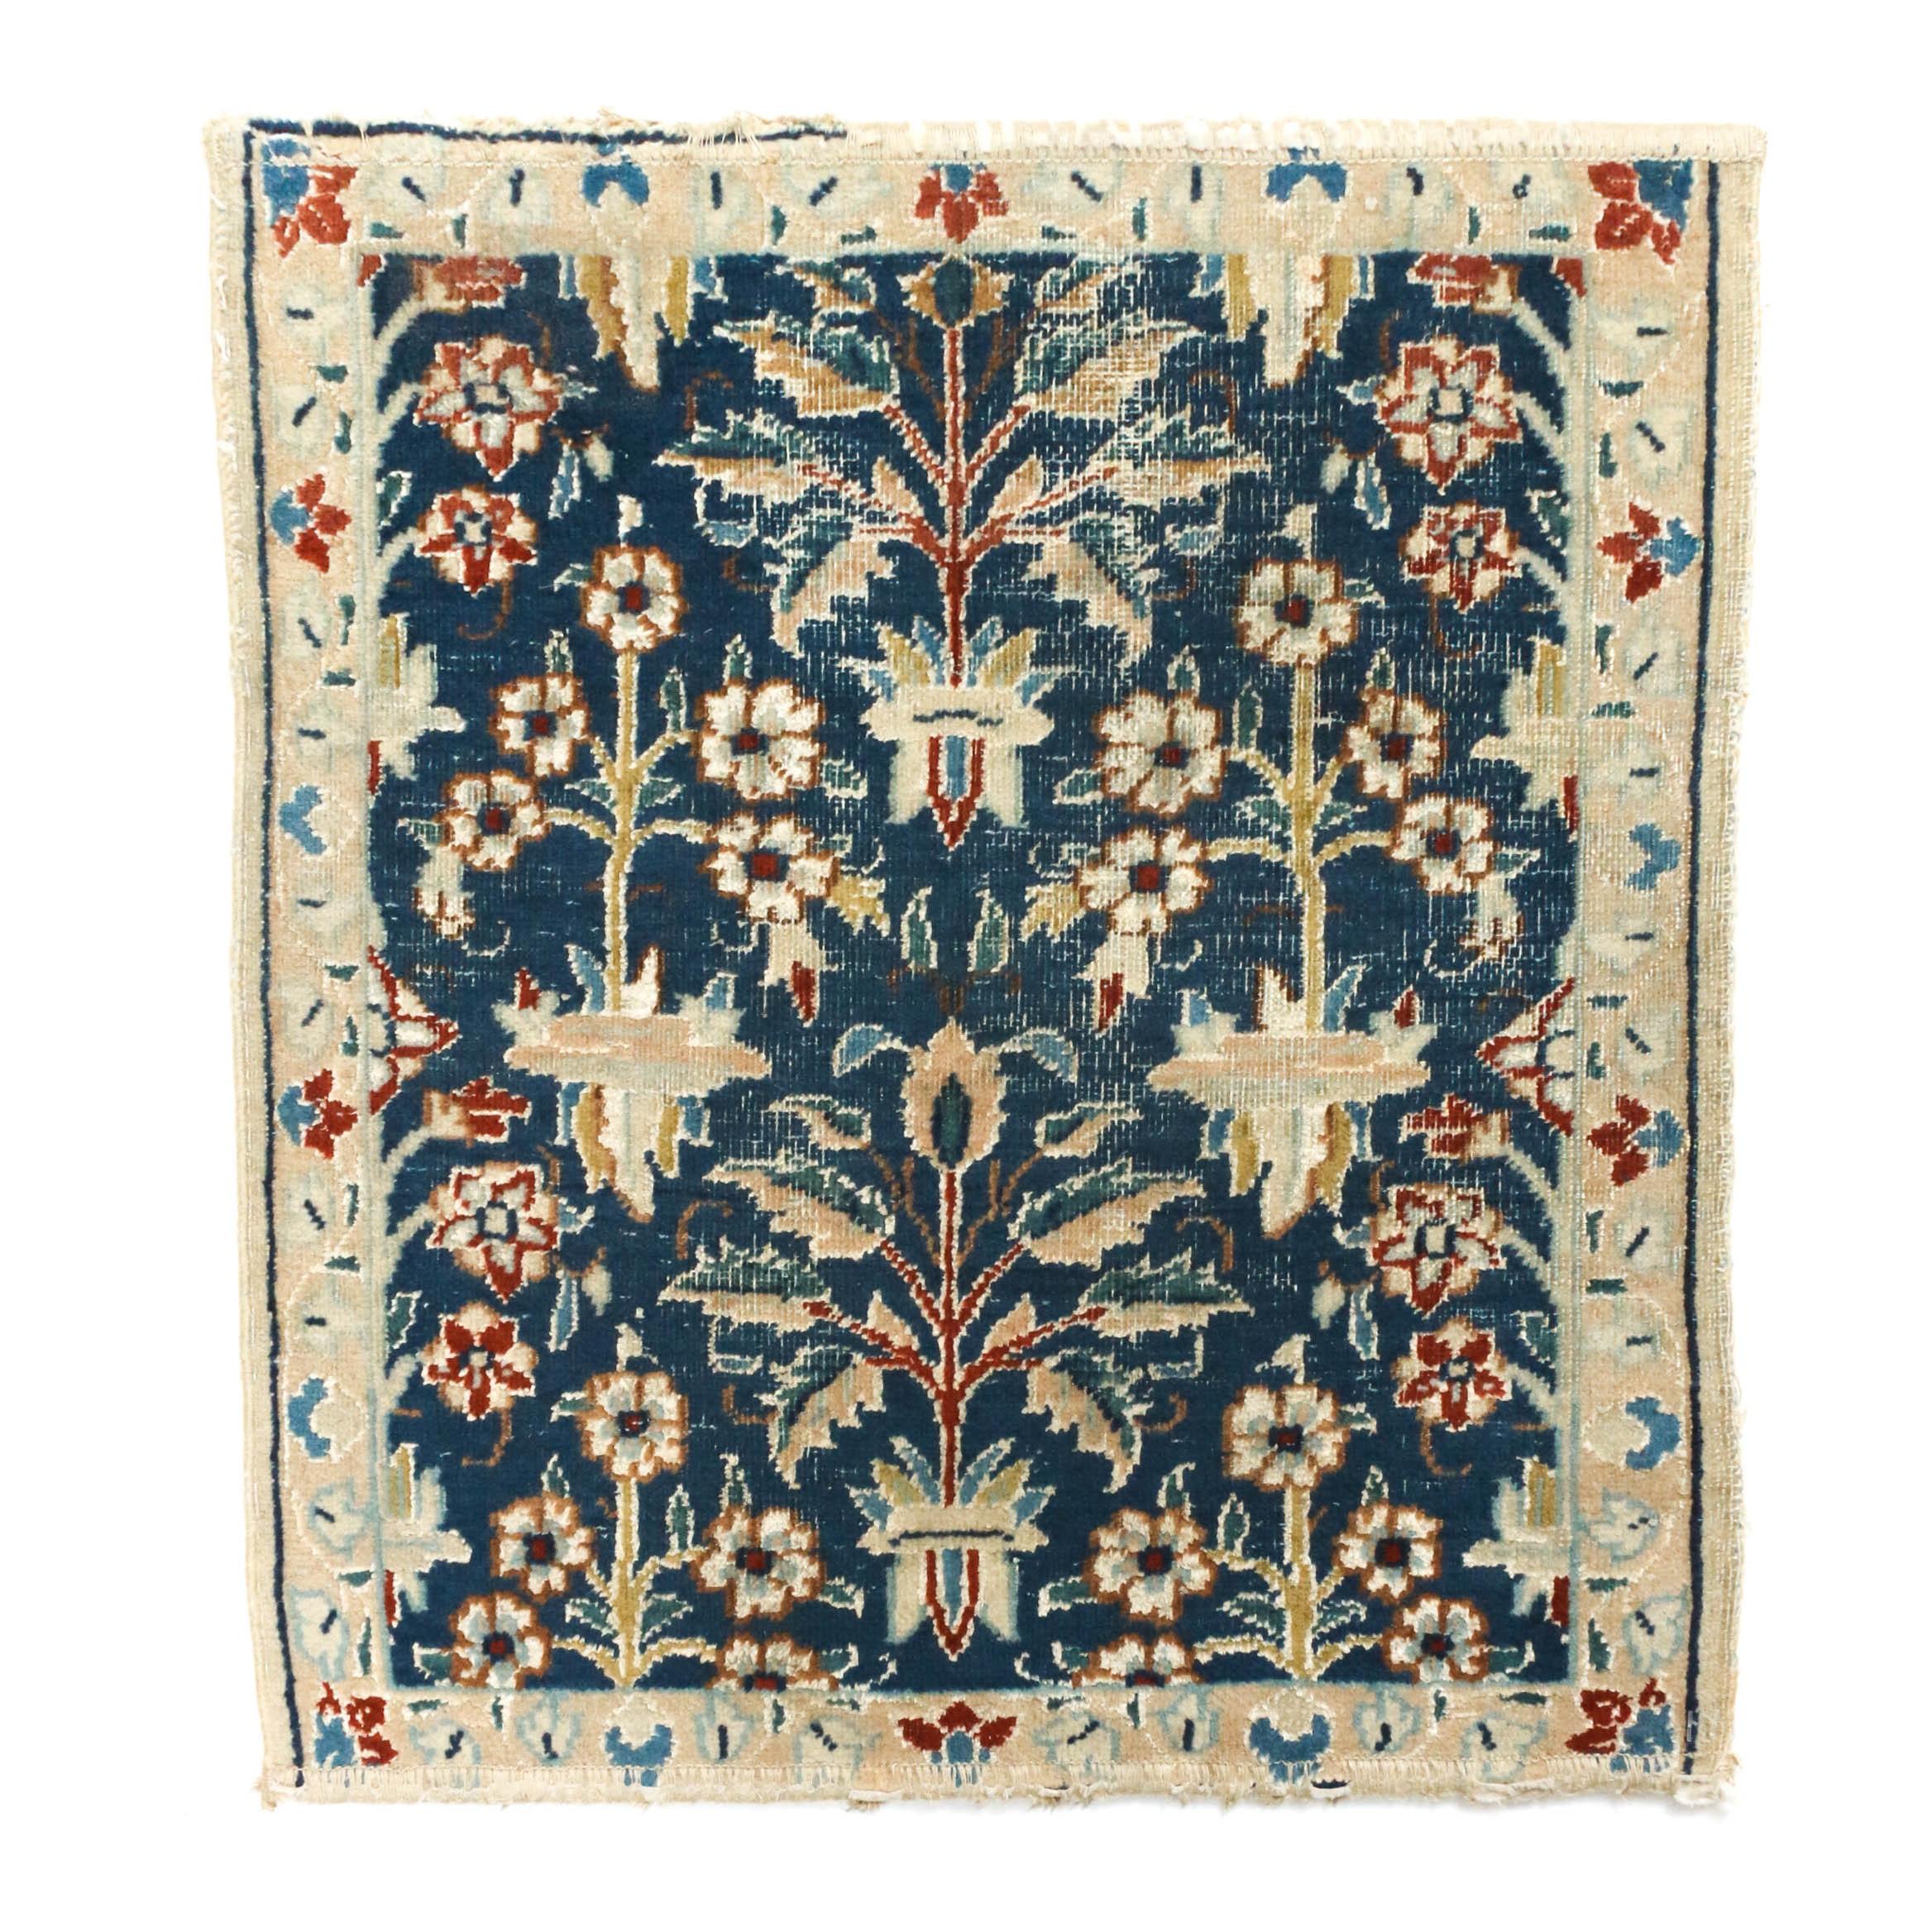 1'5 x 1'7 Hand-Knotted Persian Nain Wool Rug, Circa 1930